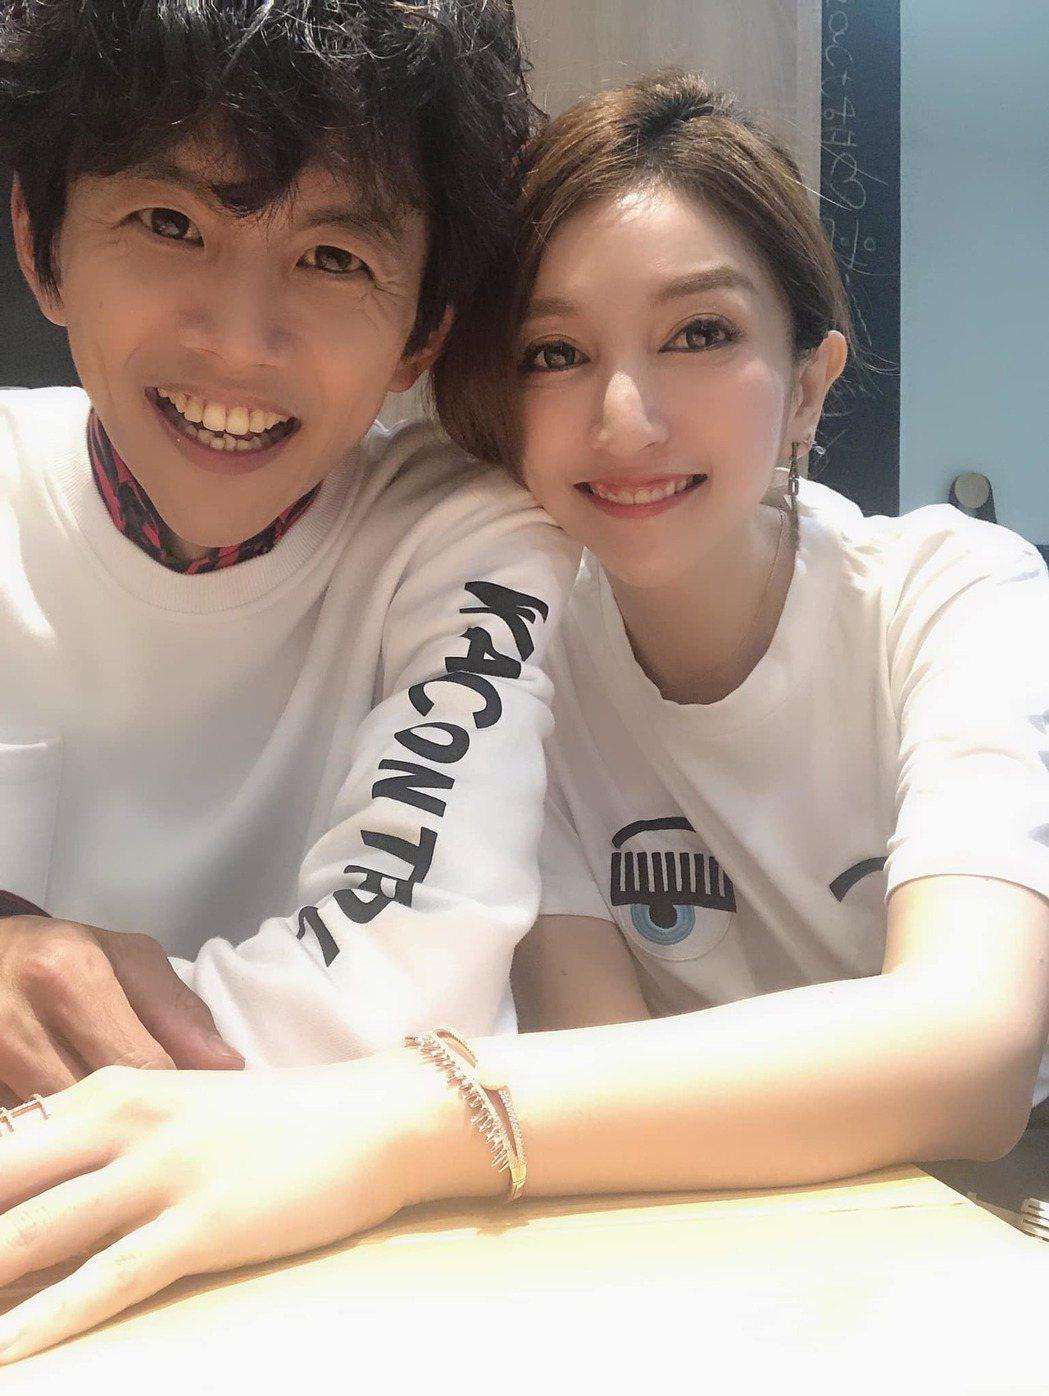 阿翔與老婆Geace。 圖/擷自Grace臉書